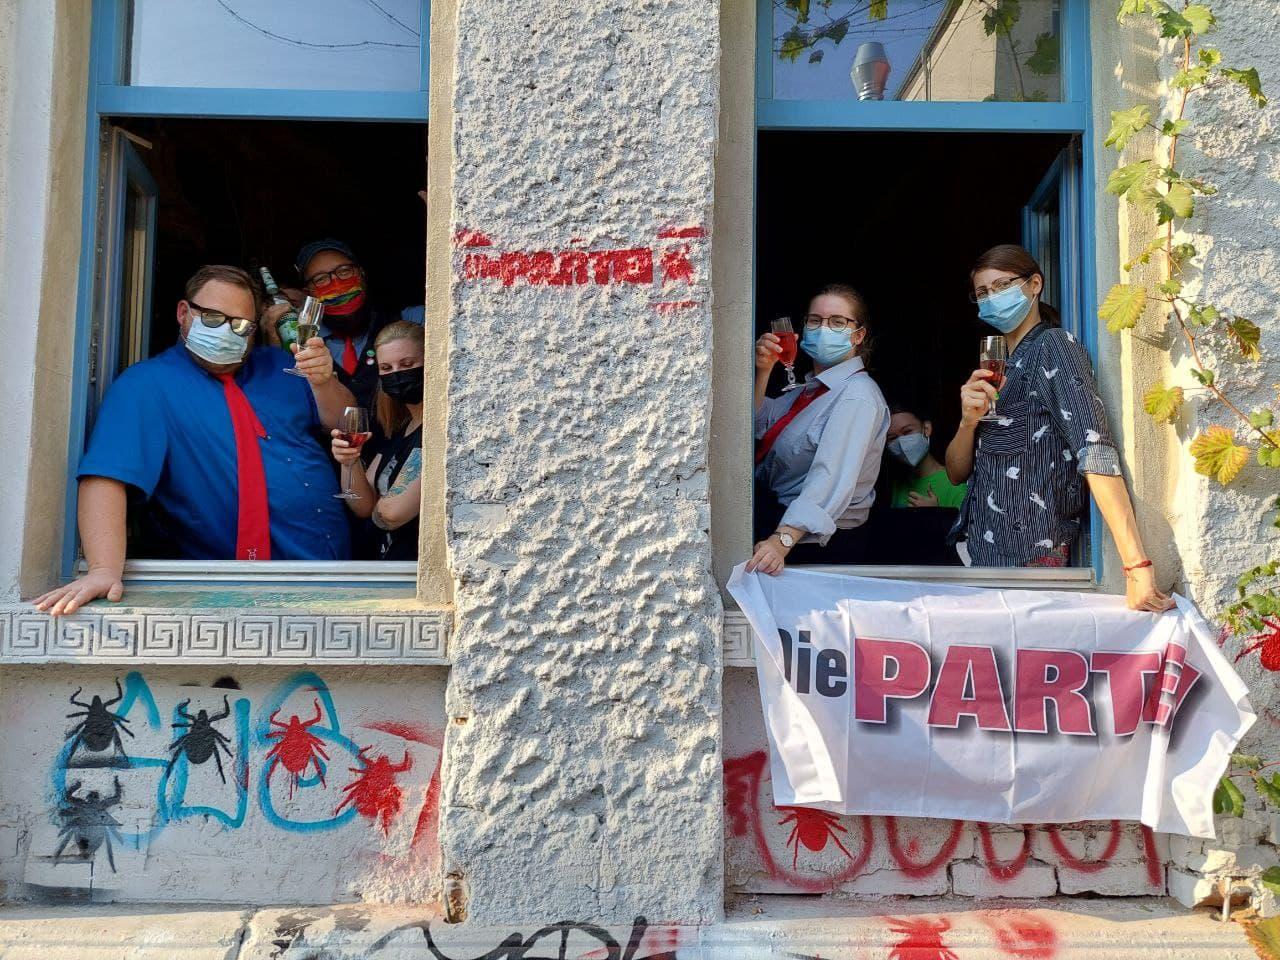 Die PARTEI feiert Machtübernahme. Foto: LZ